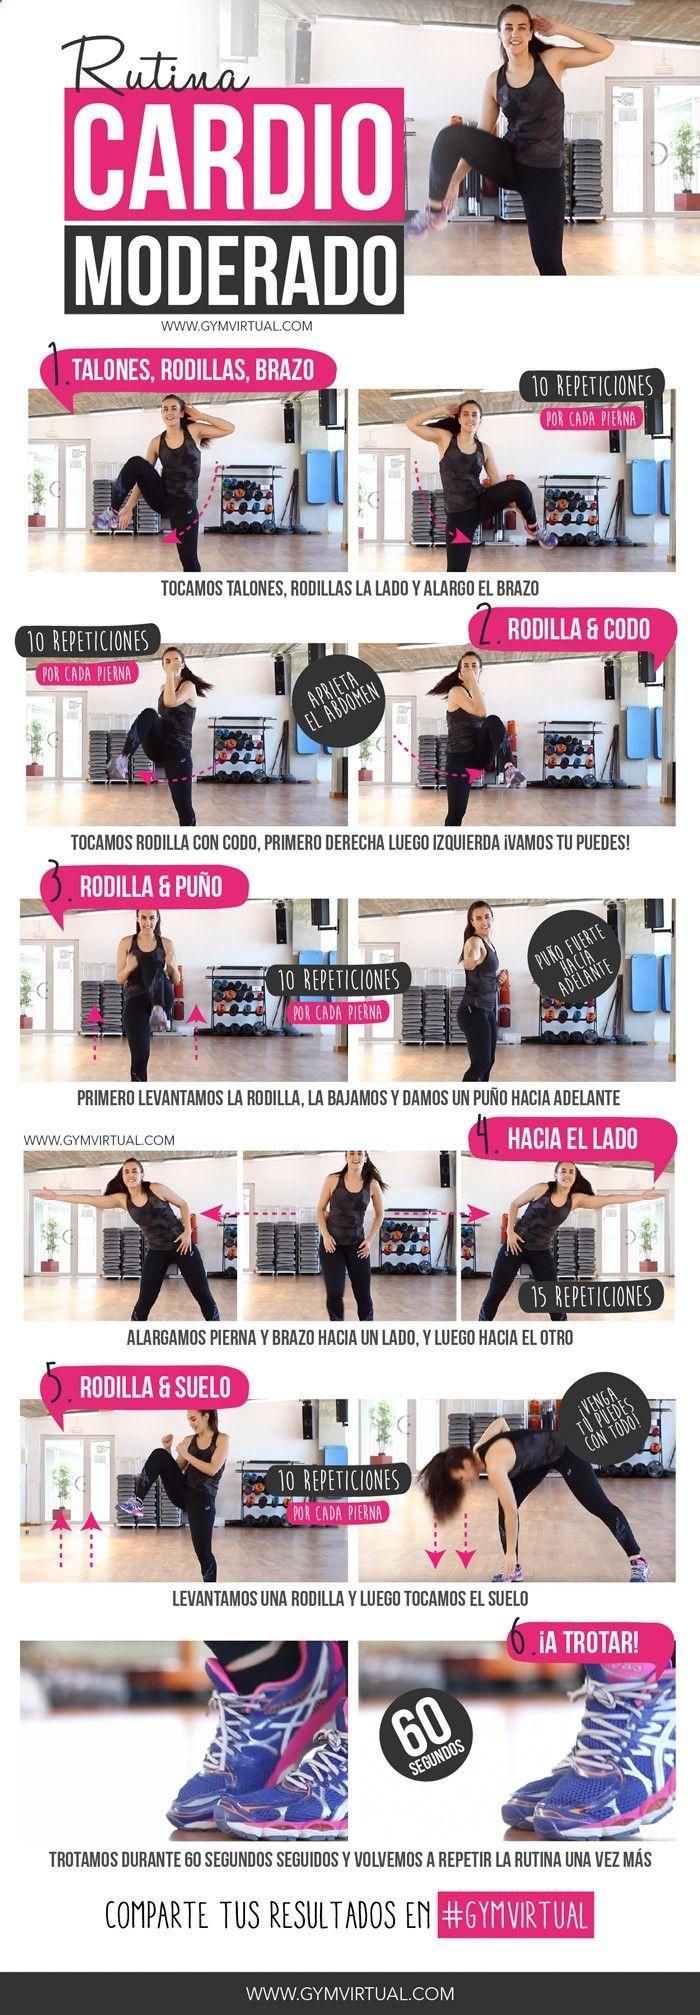 Hoy os dejo una rutina de cardio moderado paso a paso. Son ejercicios sencillitos que podéis hacer a diario o durante 4 o 5 días a la semana. Recordad que siempre, antes del cardio, es importante realizar ejercicios de tonificación de los músculos del cuerpo. En la web tenéis muchas otras rutinas de tonificación paso …